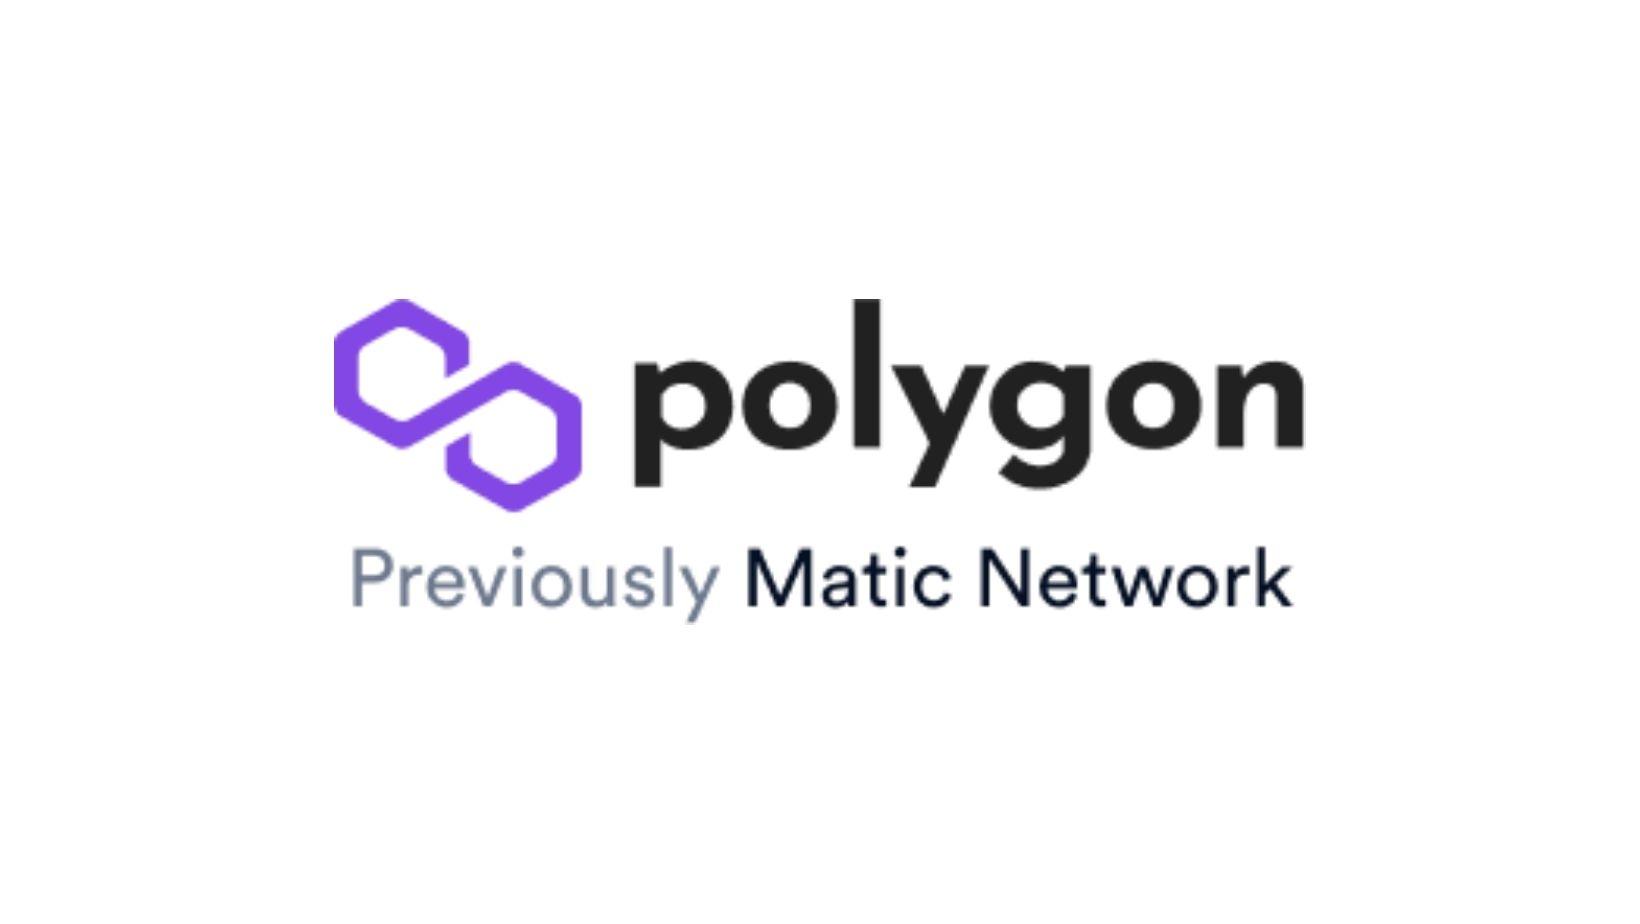 跨鏈橋|白帽發現 Polygon「Plasma Bridge」嚴重漏洞,獲史上最高200萬鎂獎金